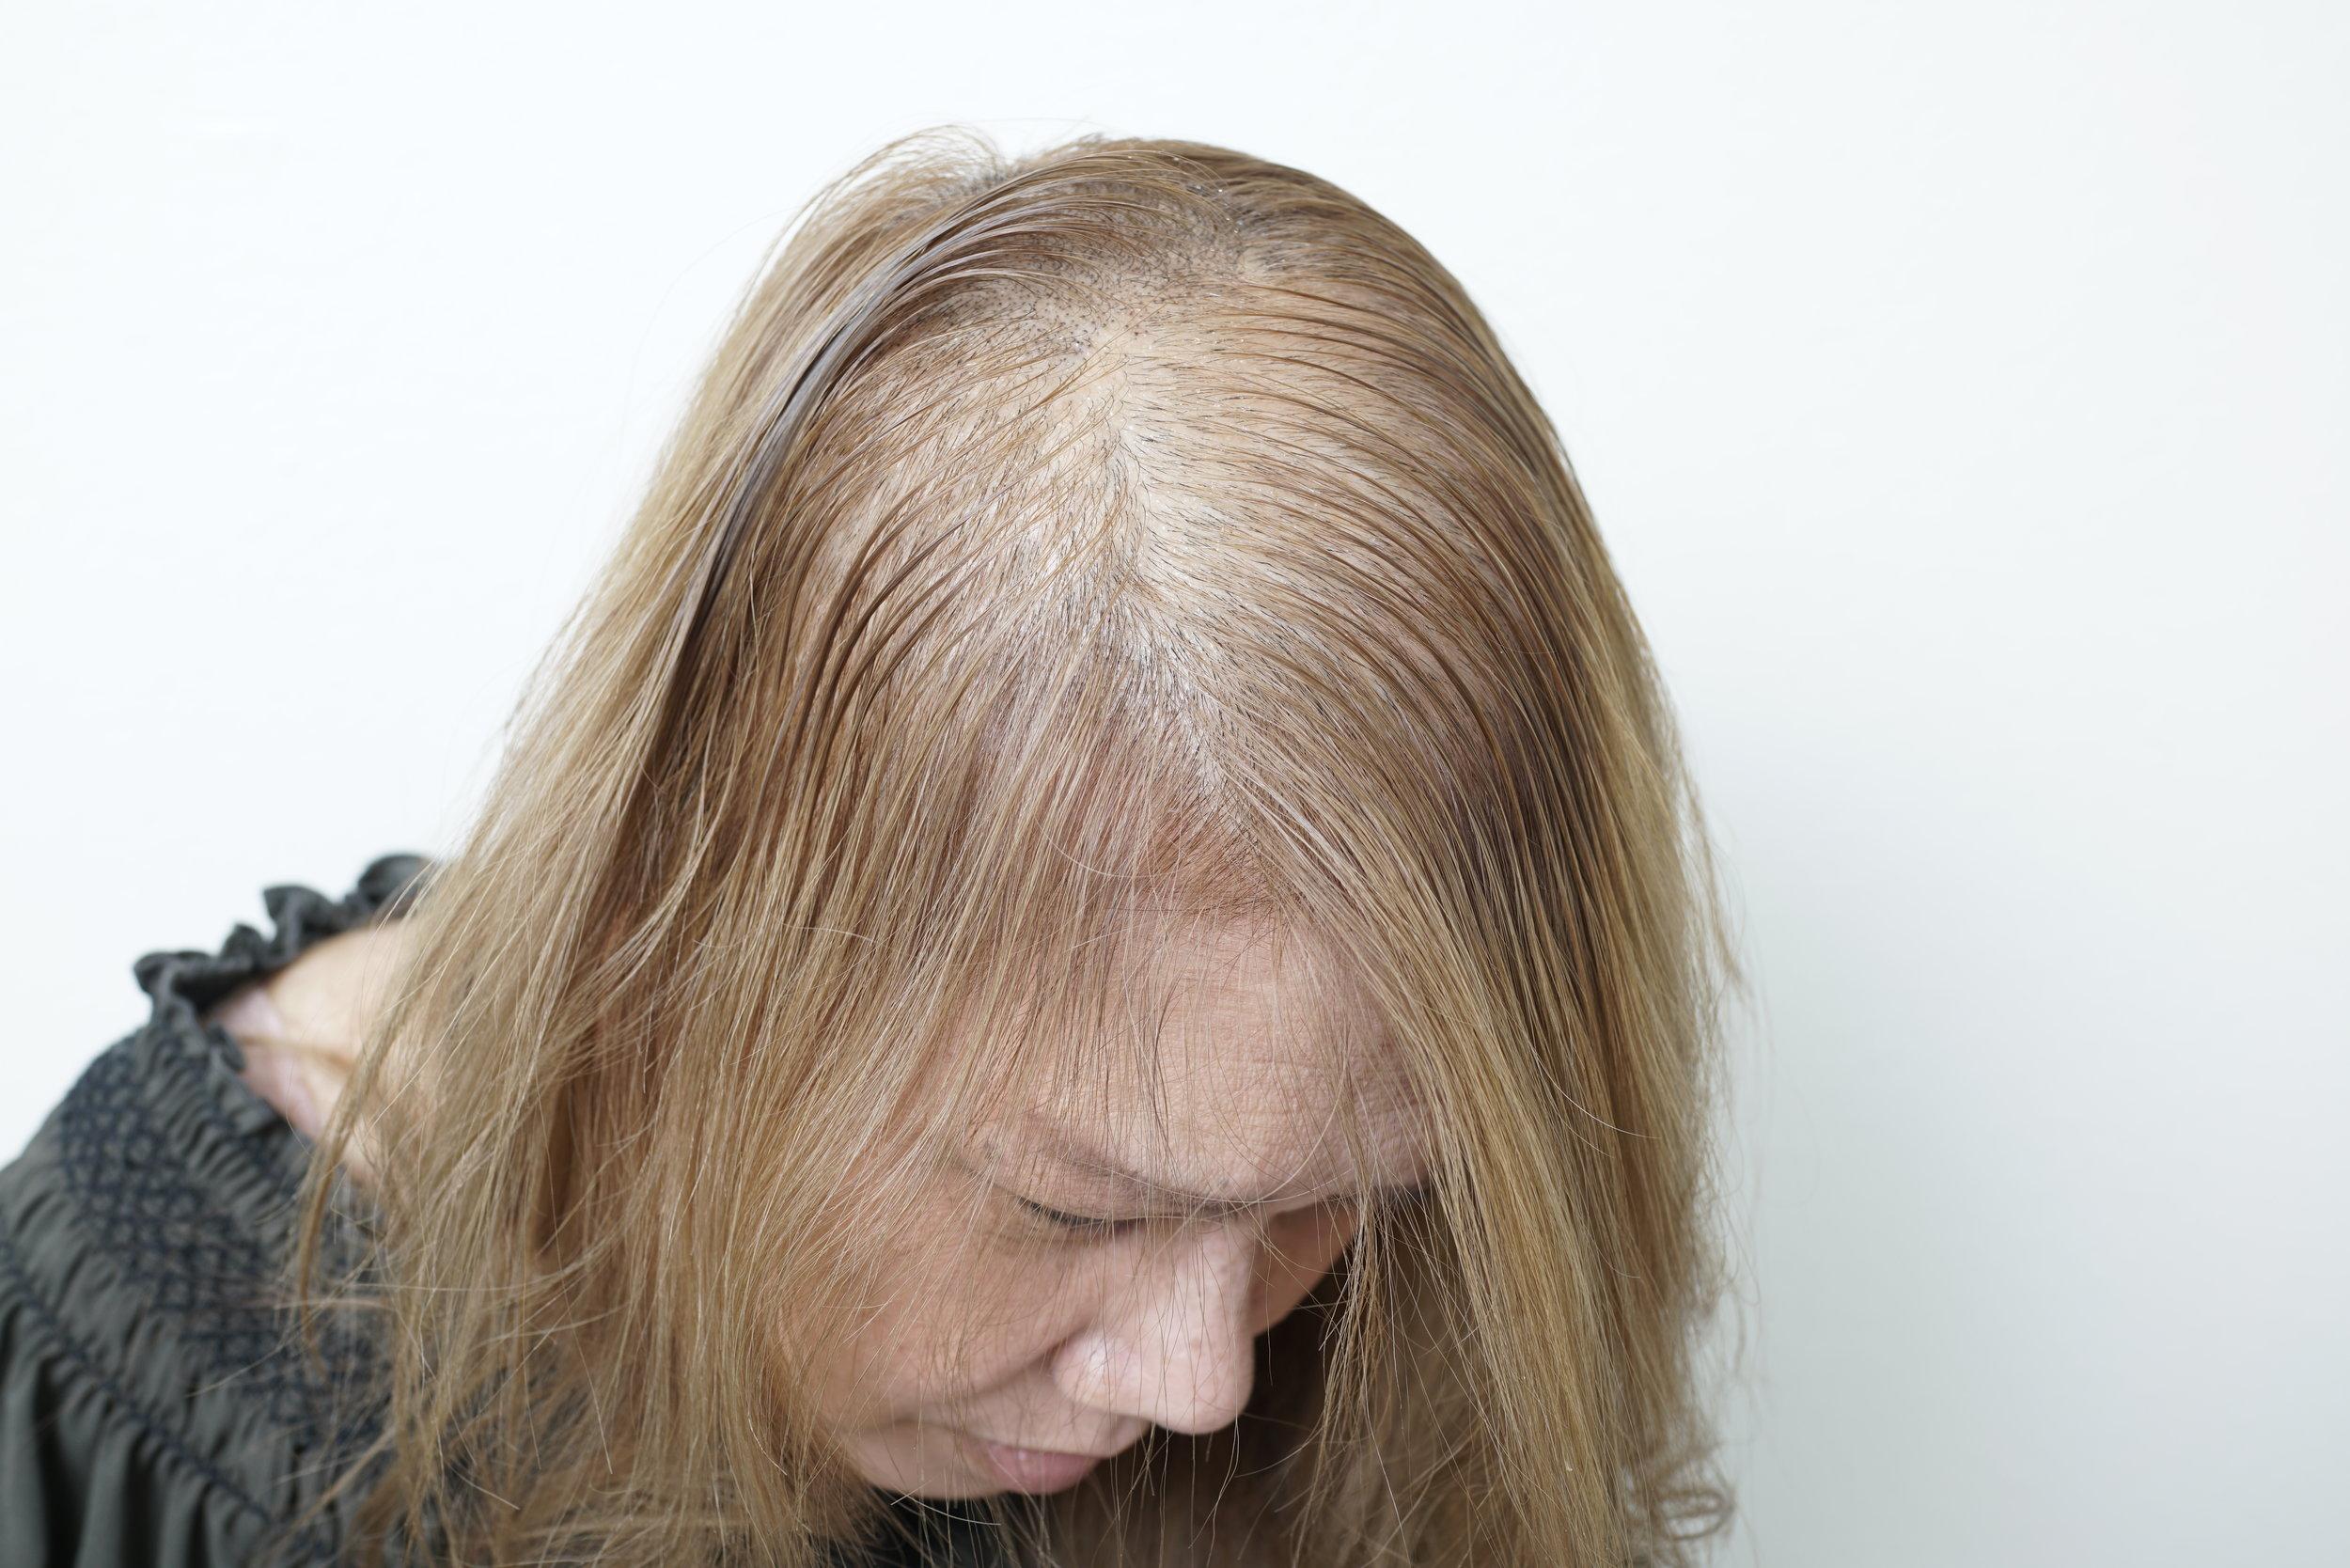 balding-woman.JPG